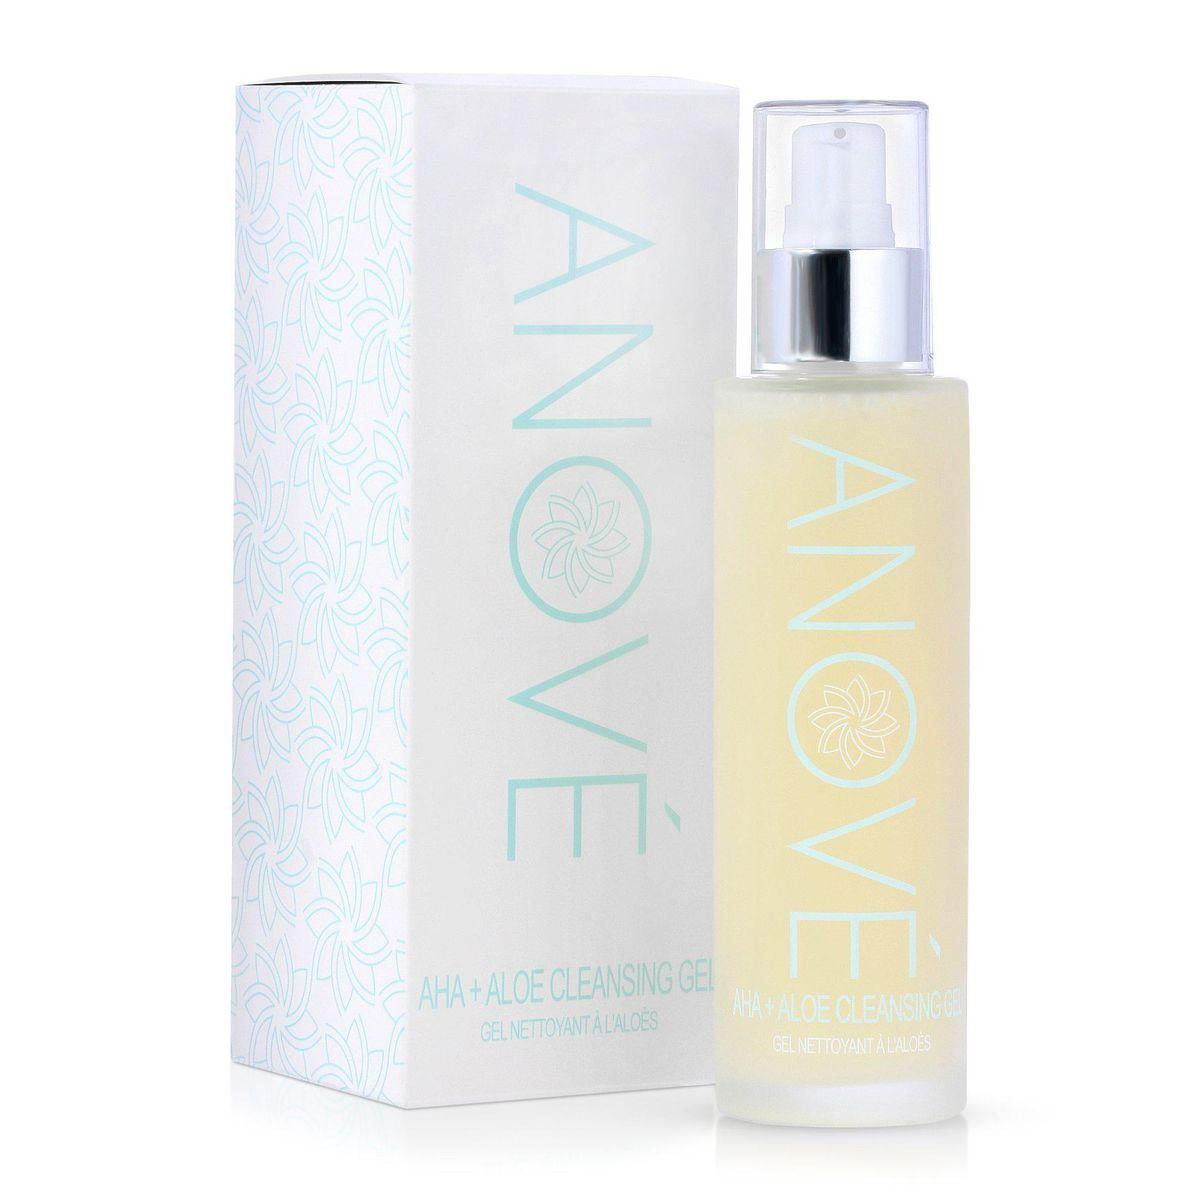 anova aha and aloe cleansing gel